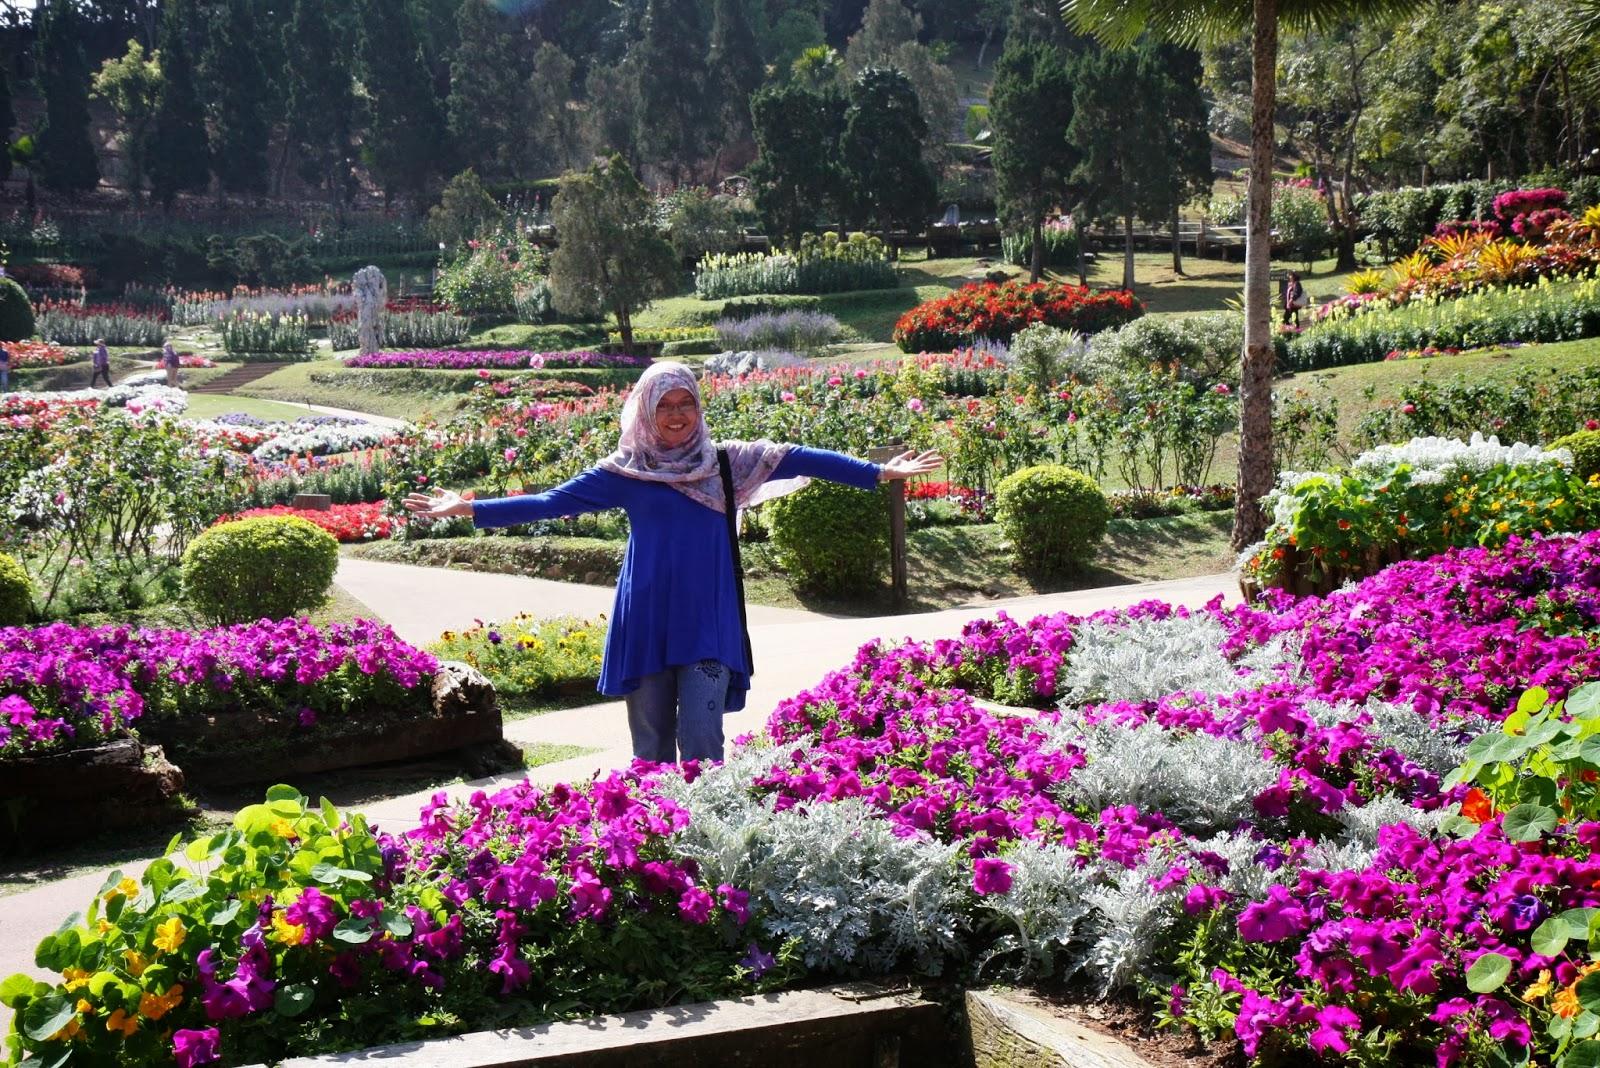 sari+in+mae+fah+luang+garden.jpg